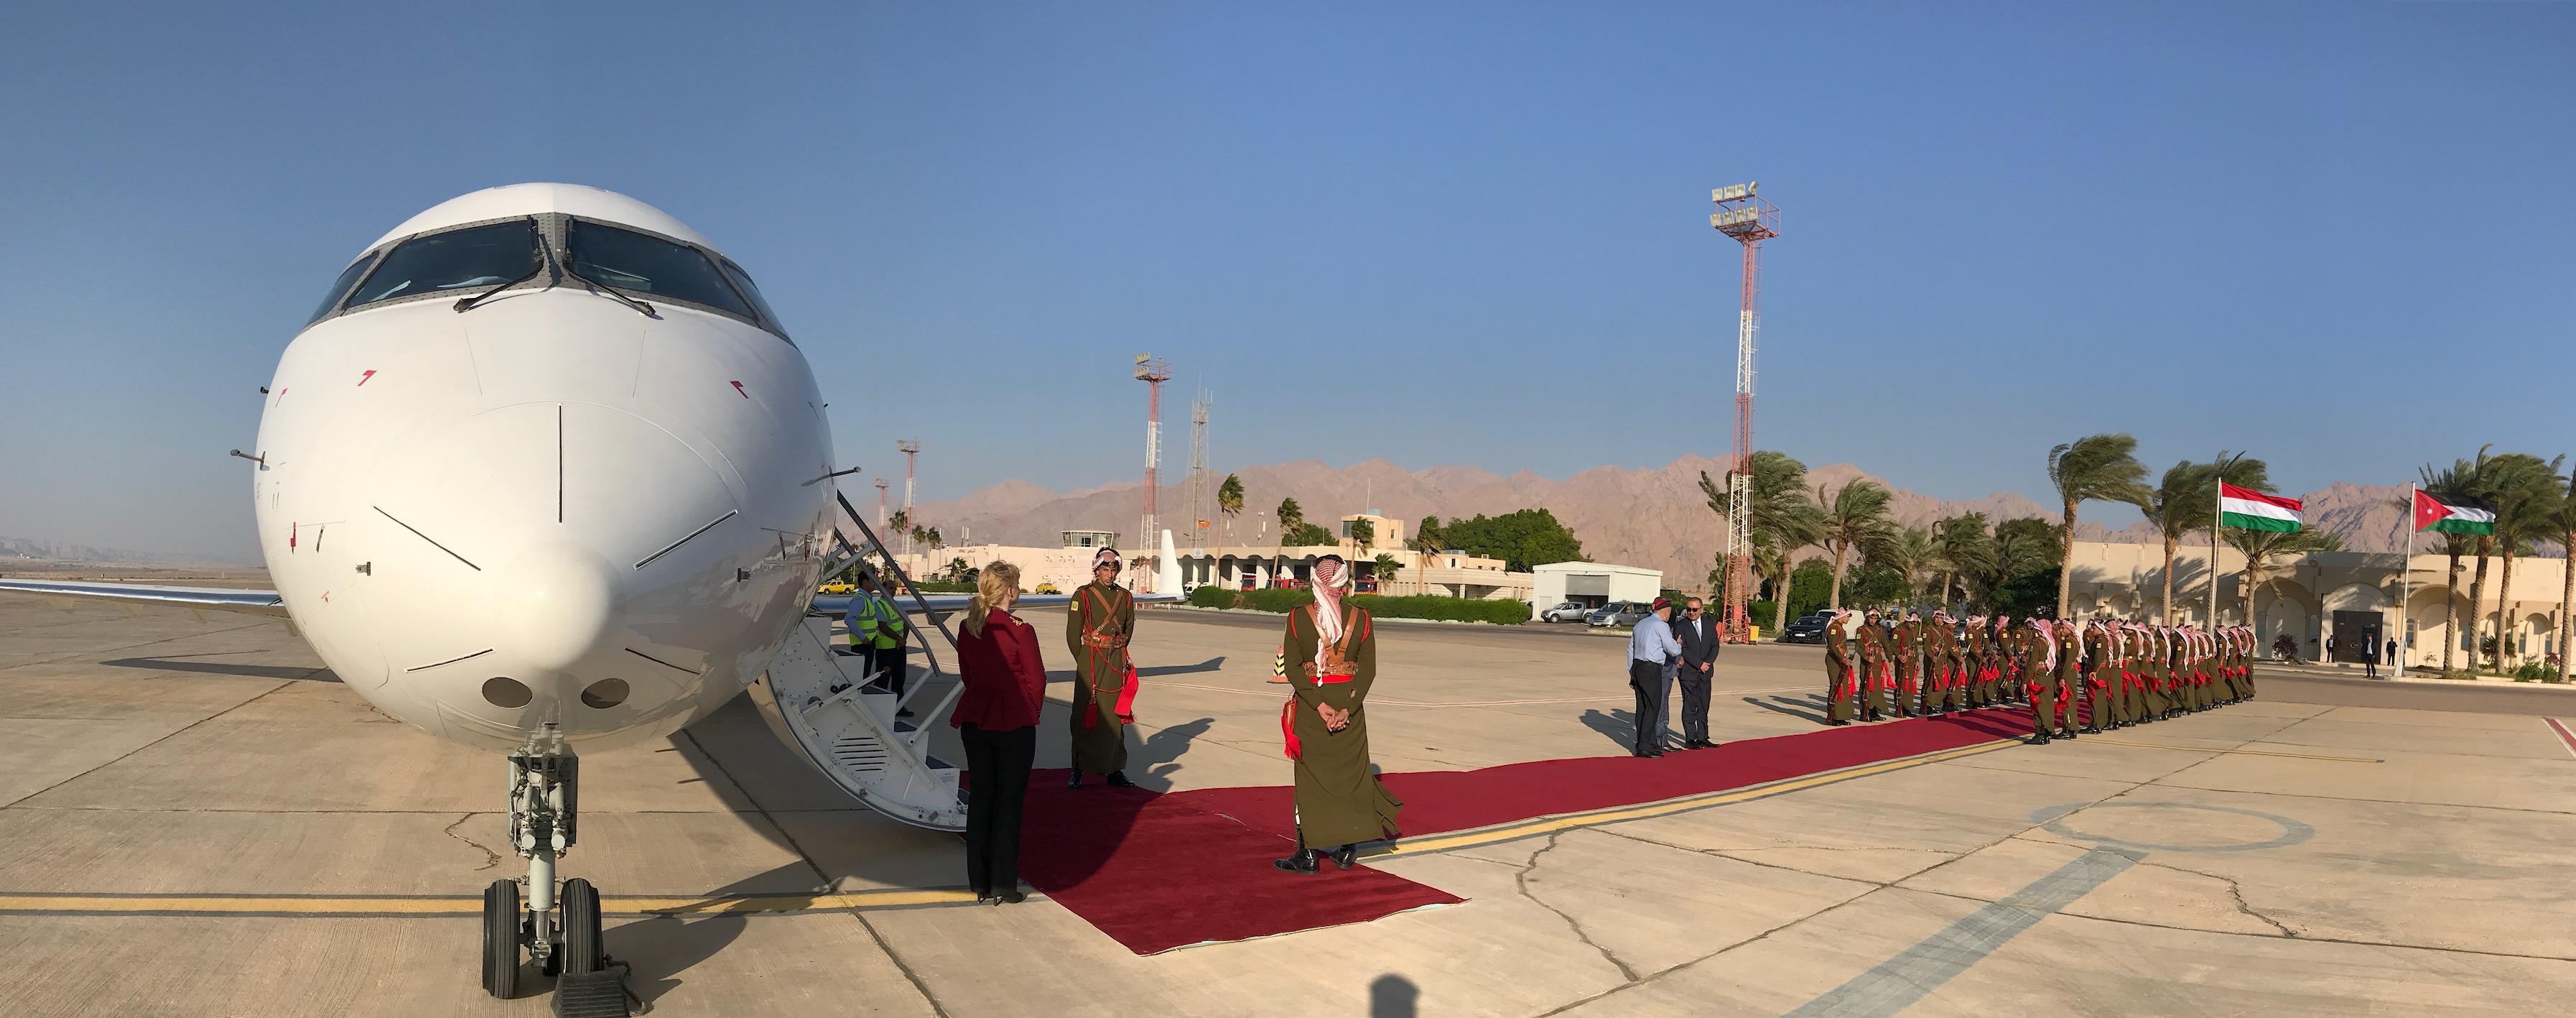 CRJ200-flyet fra BackBone Aviation i Jordan. Foto: Privatfoto